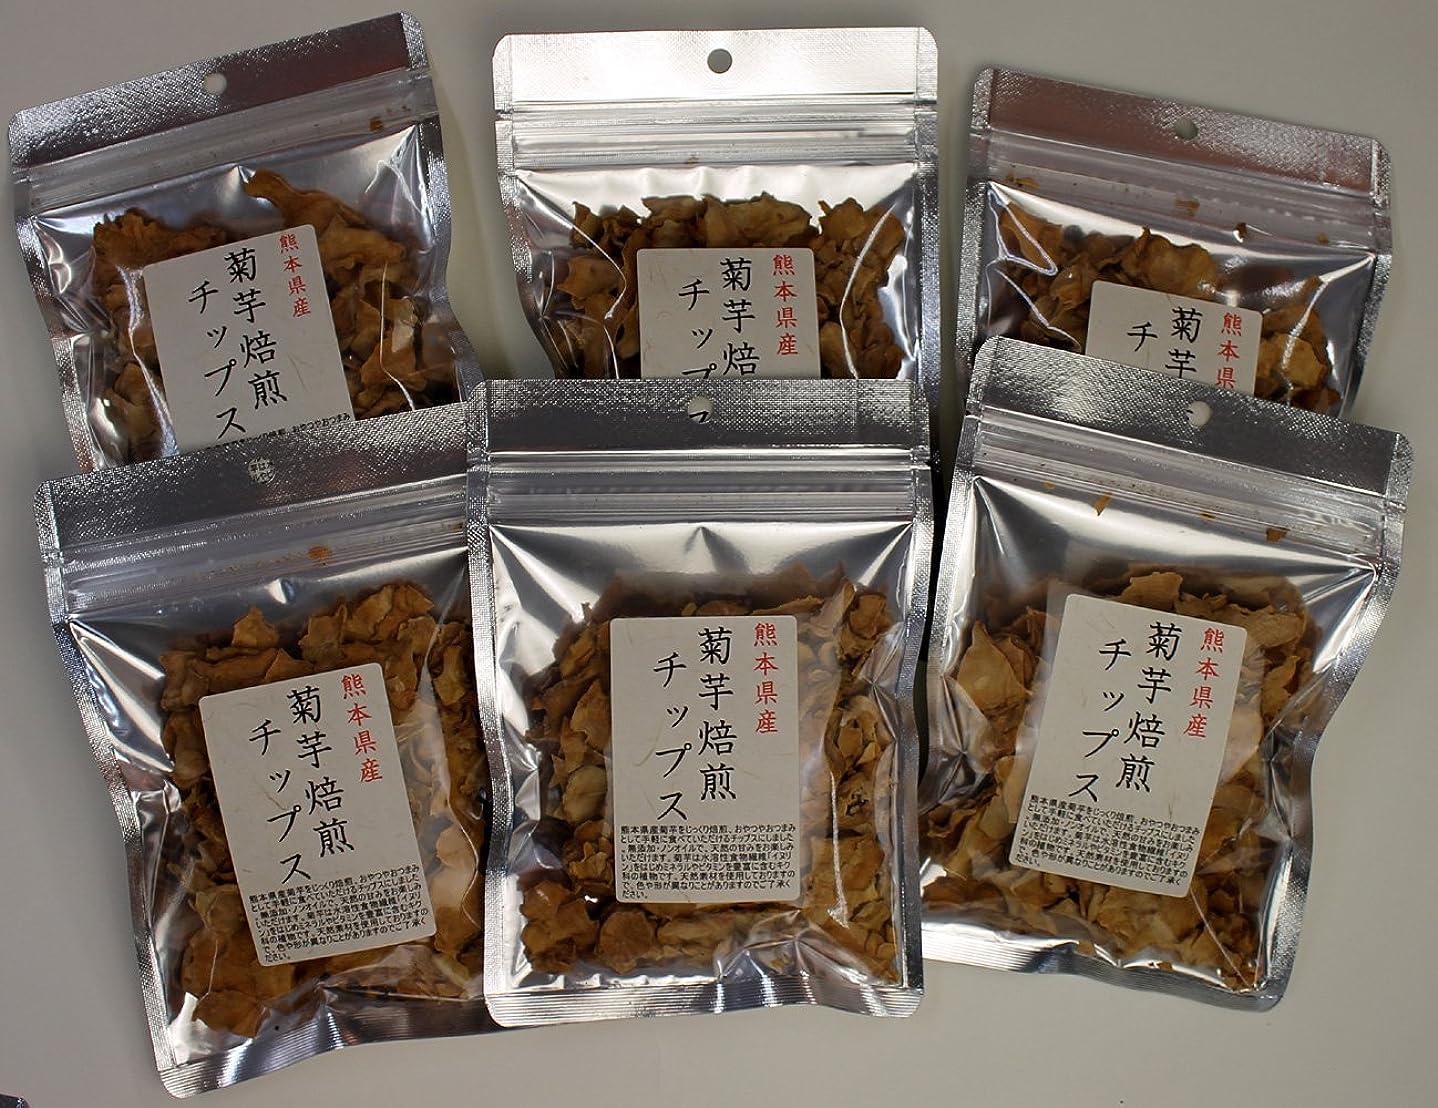 メダリスト作成するモンク菊芋 国産 チップス 熊本県産 30g (6)